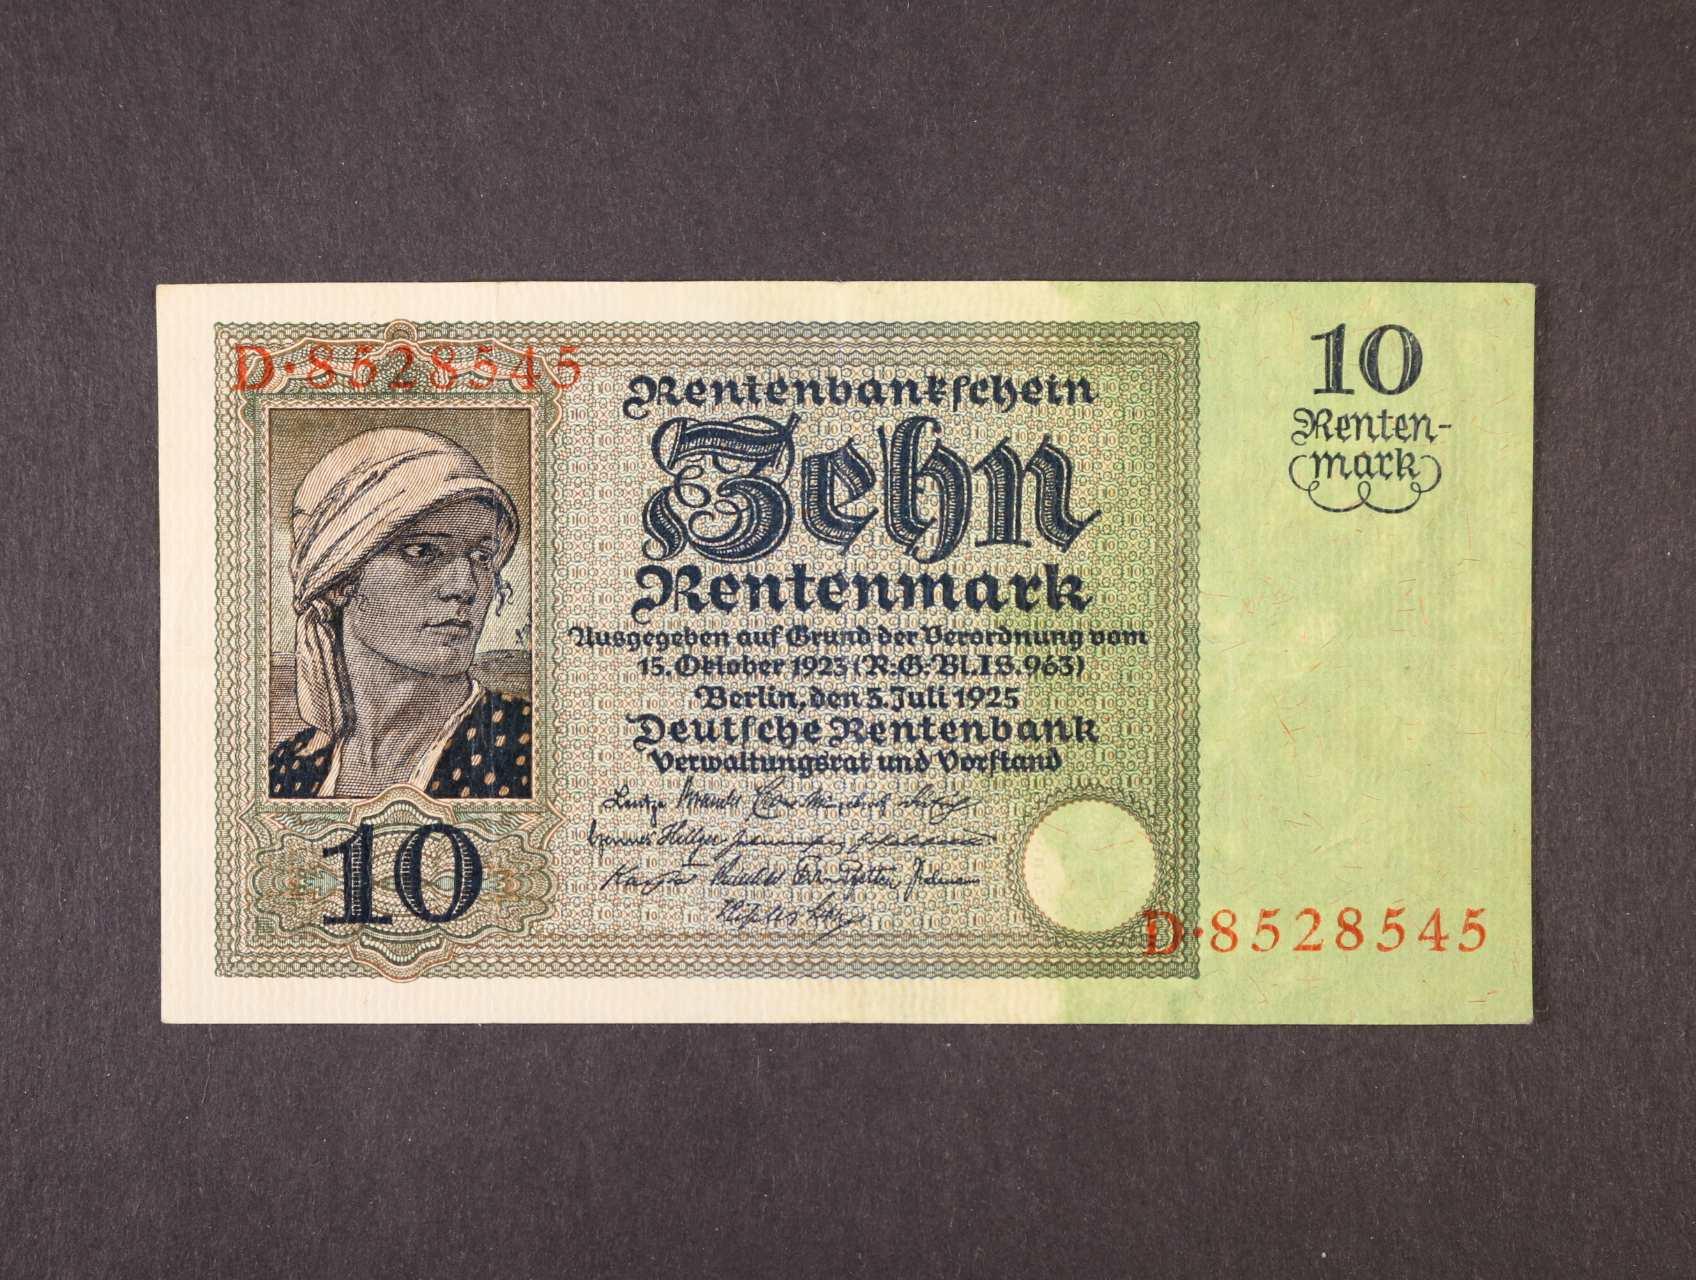 10 Rtm 3.7.1925 série D, platná na ČS území, Ro. 163, Ba. D14